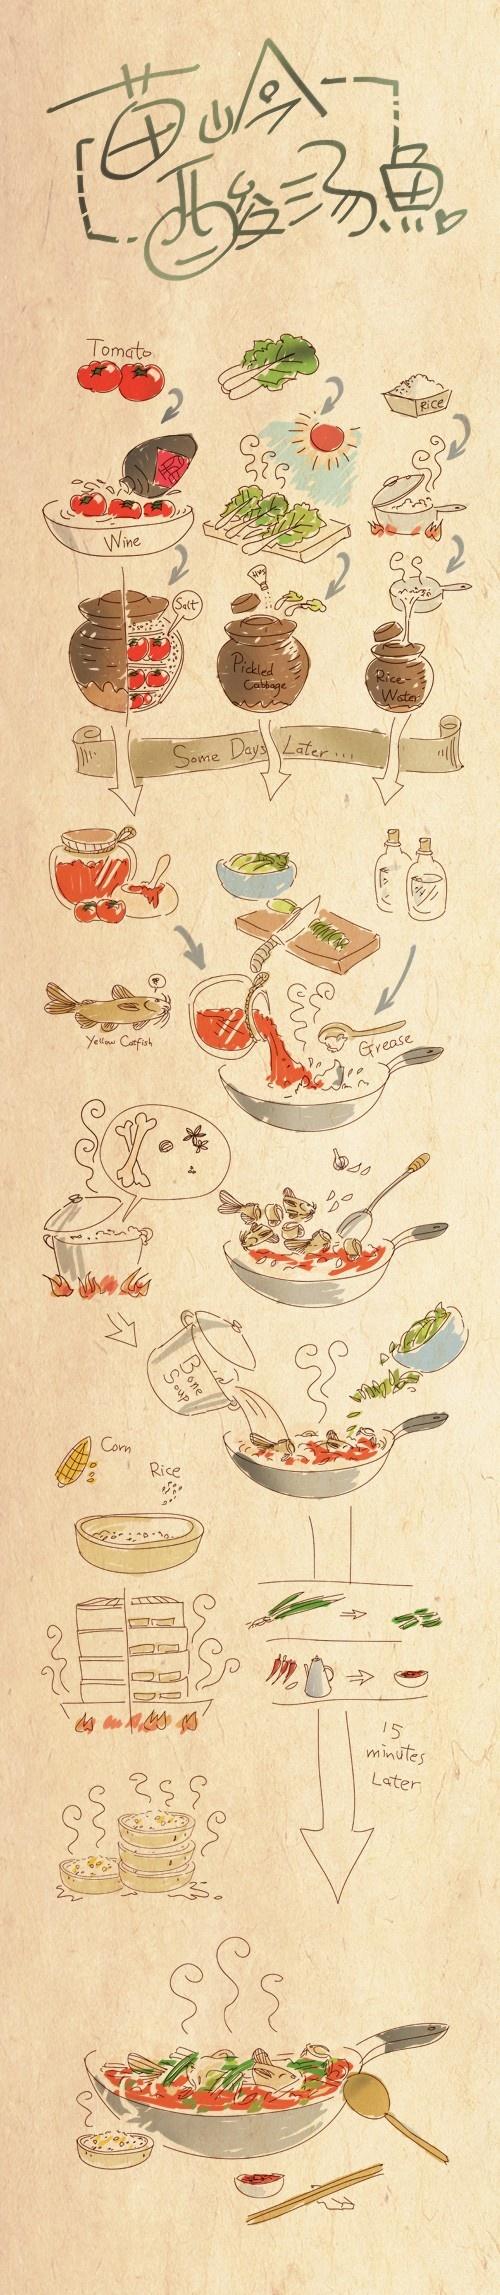 来自手绘食谱《酸汤鱼》,小清新滴插画风,大爱,学习, Food illustration - artist study , How to Draw Food, Artist Study Resources for Art Students, CAPI ::: Create Art Portfolio Ideas at milliande.com , Inspiration for Art School Portfolio Work, Food, Drawing Food, Sketching, Painting, Art Journal, Journaling, illustration teapot,coffee pot,